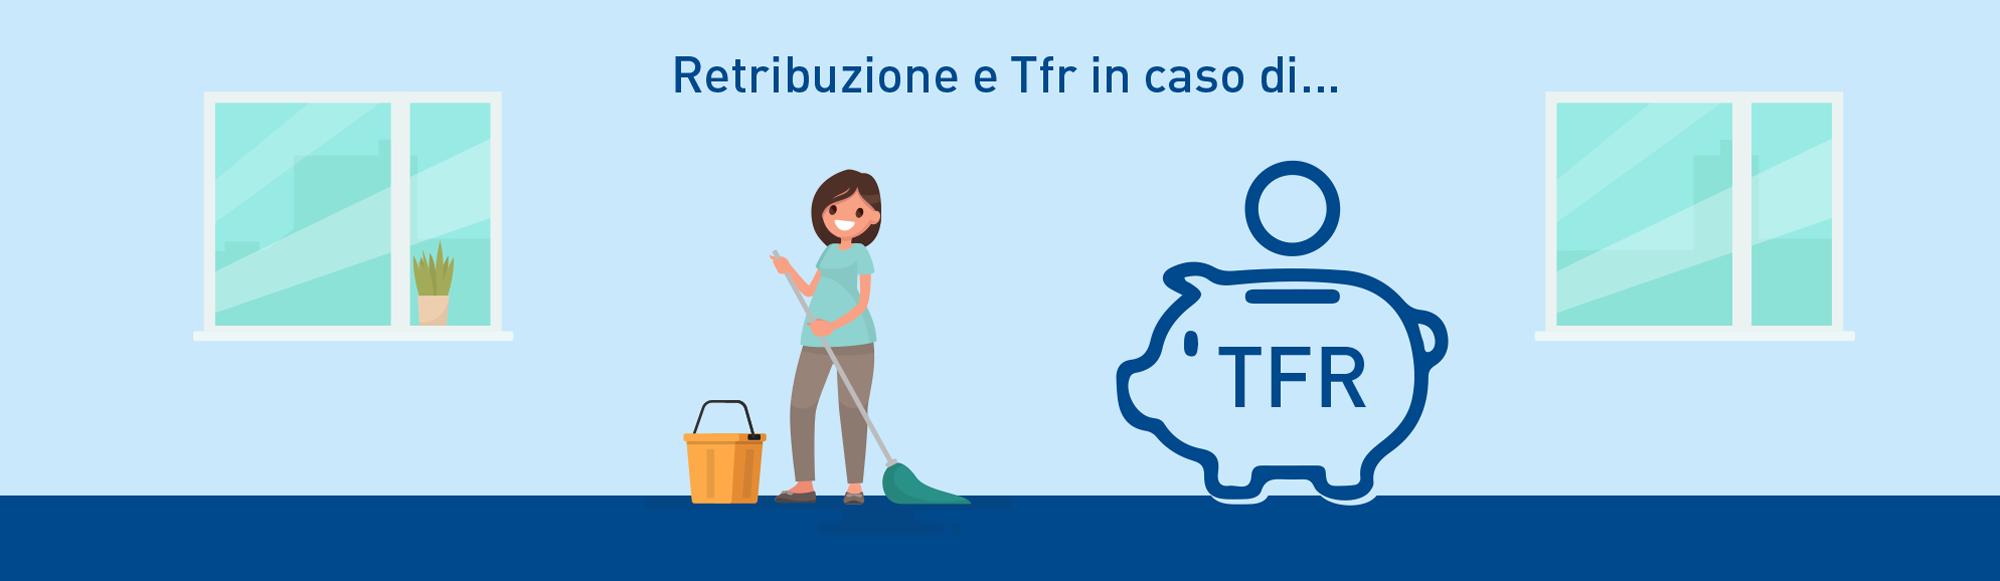 Retribuzione e TFR